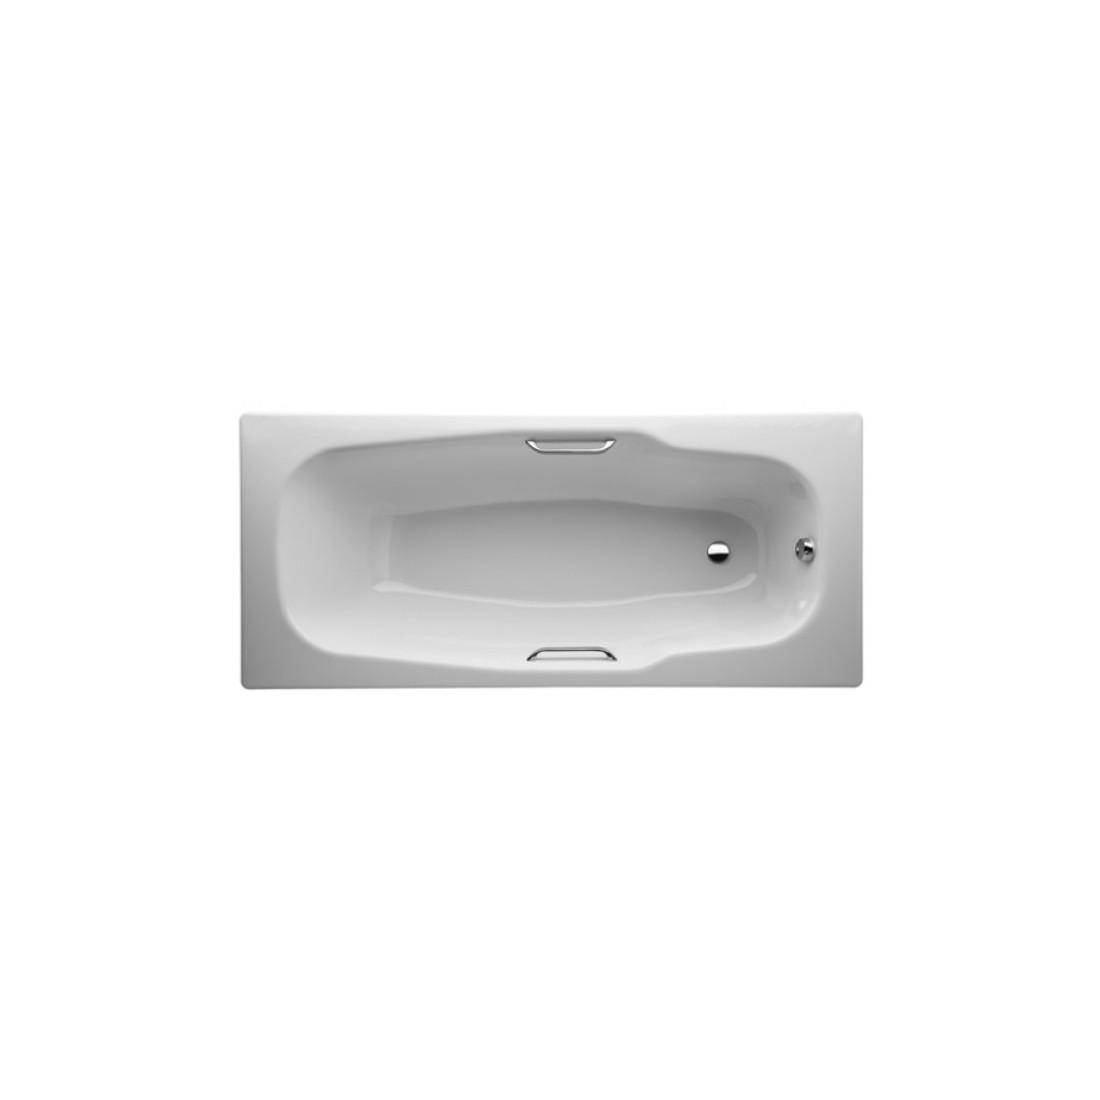 Plieninė vonia  PRAGA 180 x 80 cm, be rankenėlių (2.9410.2.004.000.1), balta